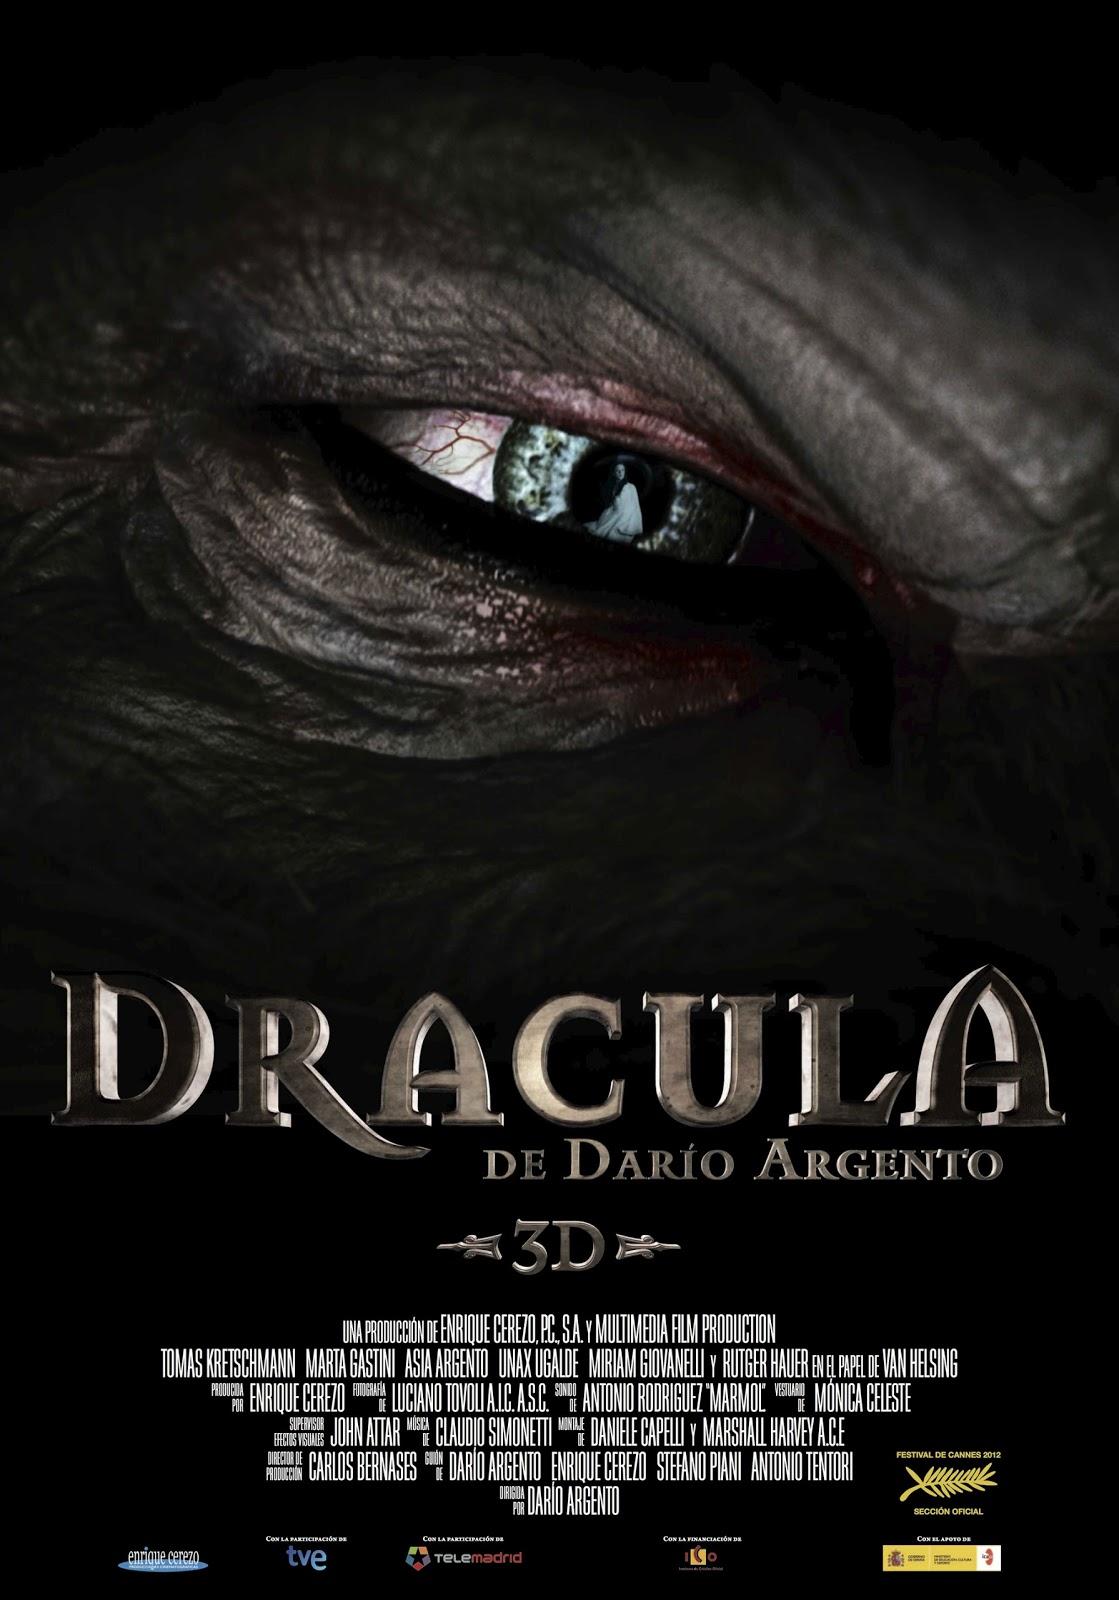 http://3.bp.blogspot.com/-DXPN6t7iAvw/UJusZv_z9aI/AAAAAAAAGnU/8syIW9uAn5M/s1600/dracula-3d-poster.jpg